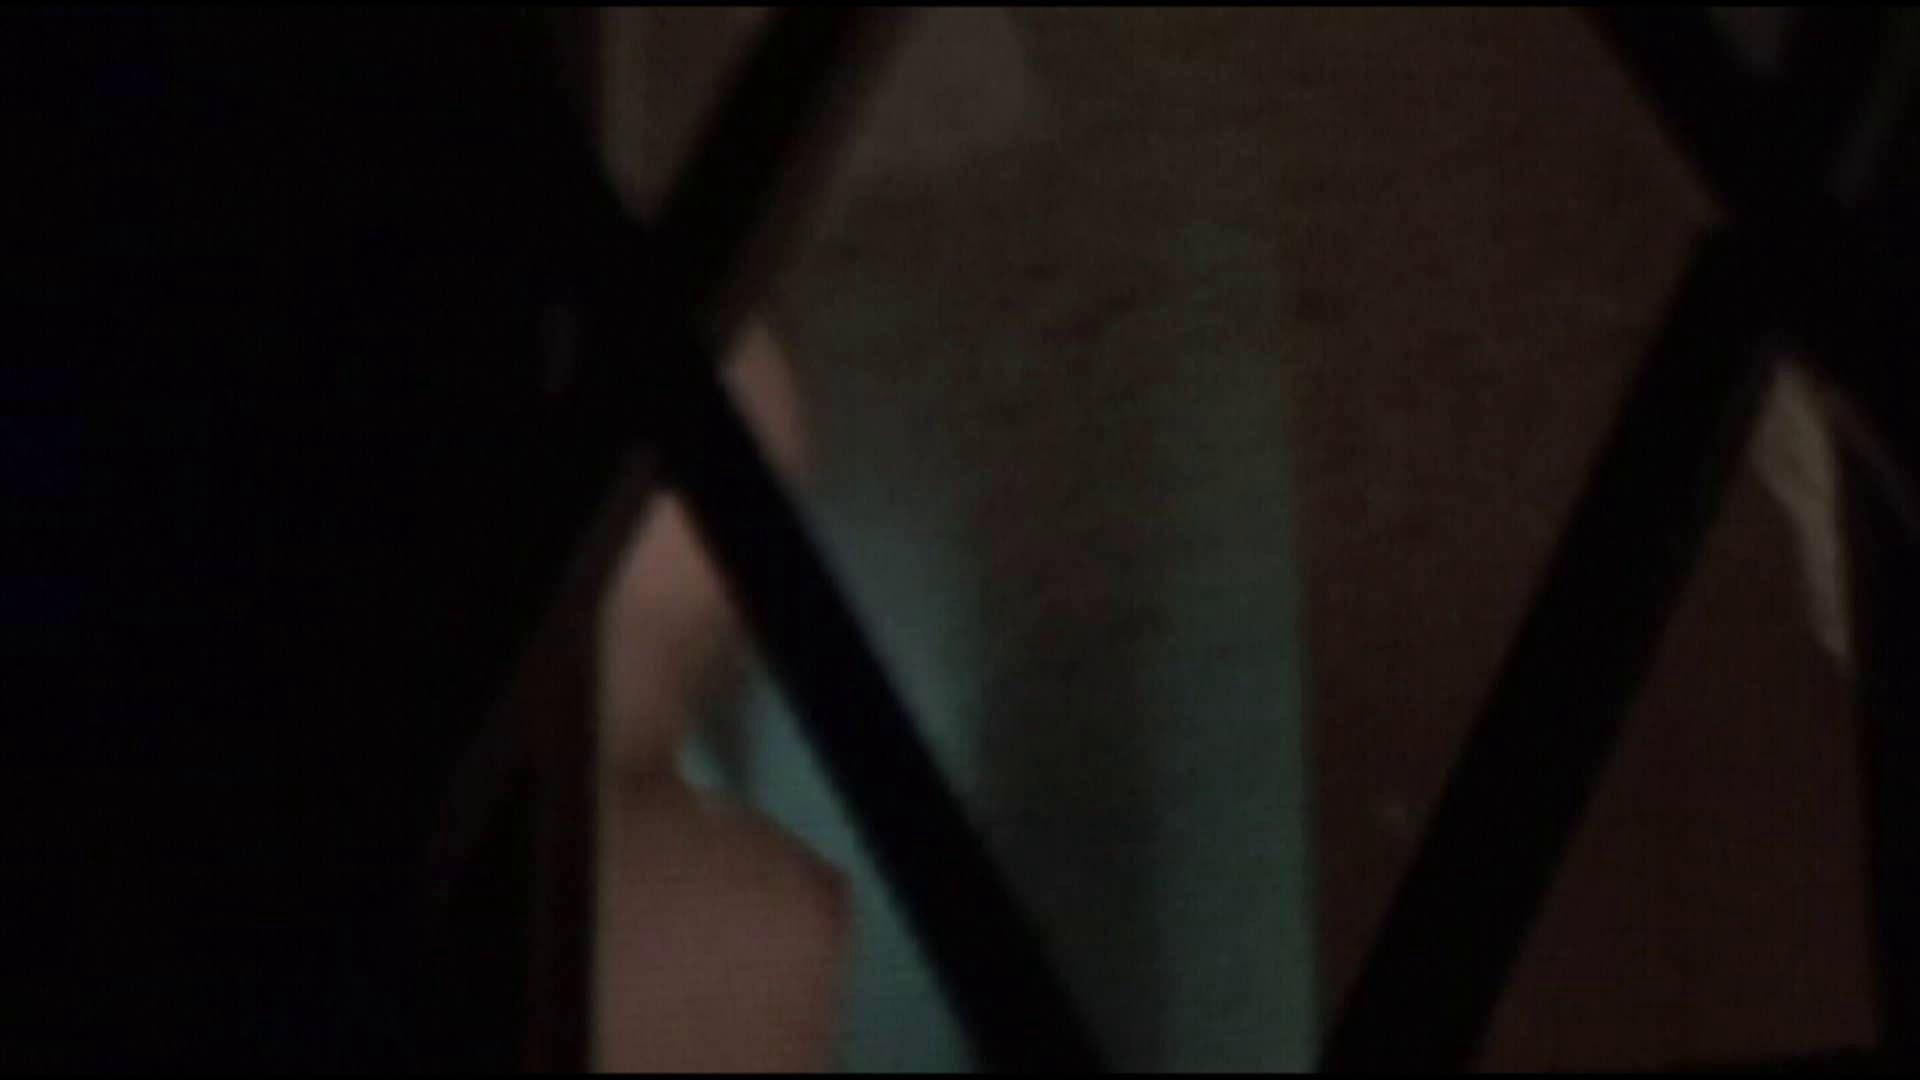 民家の騎士さんの最後の性戦ハイビジョン!!No.47 おっぱい オマンコ無修正動画無料 79画像 6